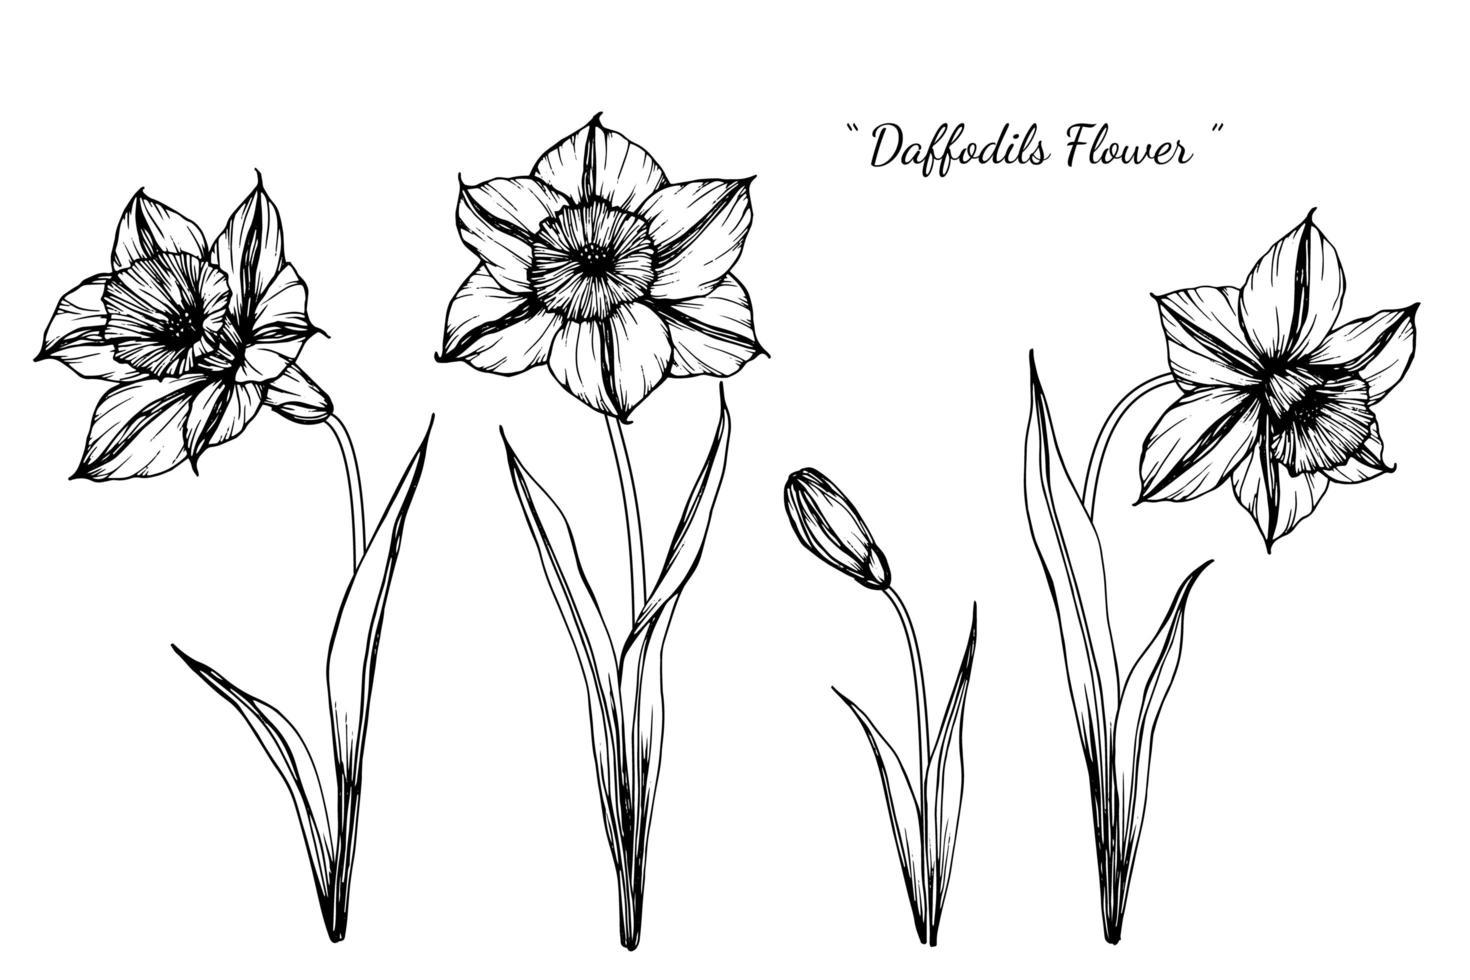 narcisos dibujados a mano diseño de flores y hojas vector